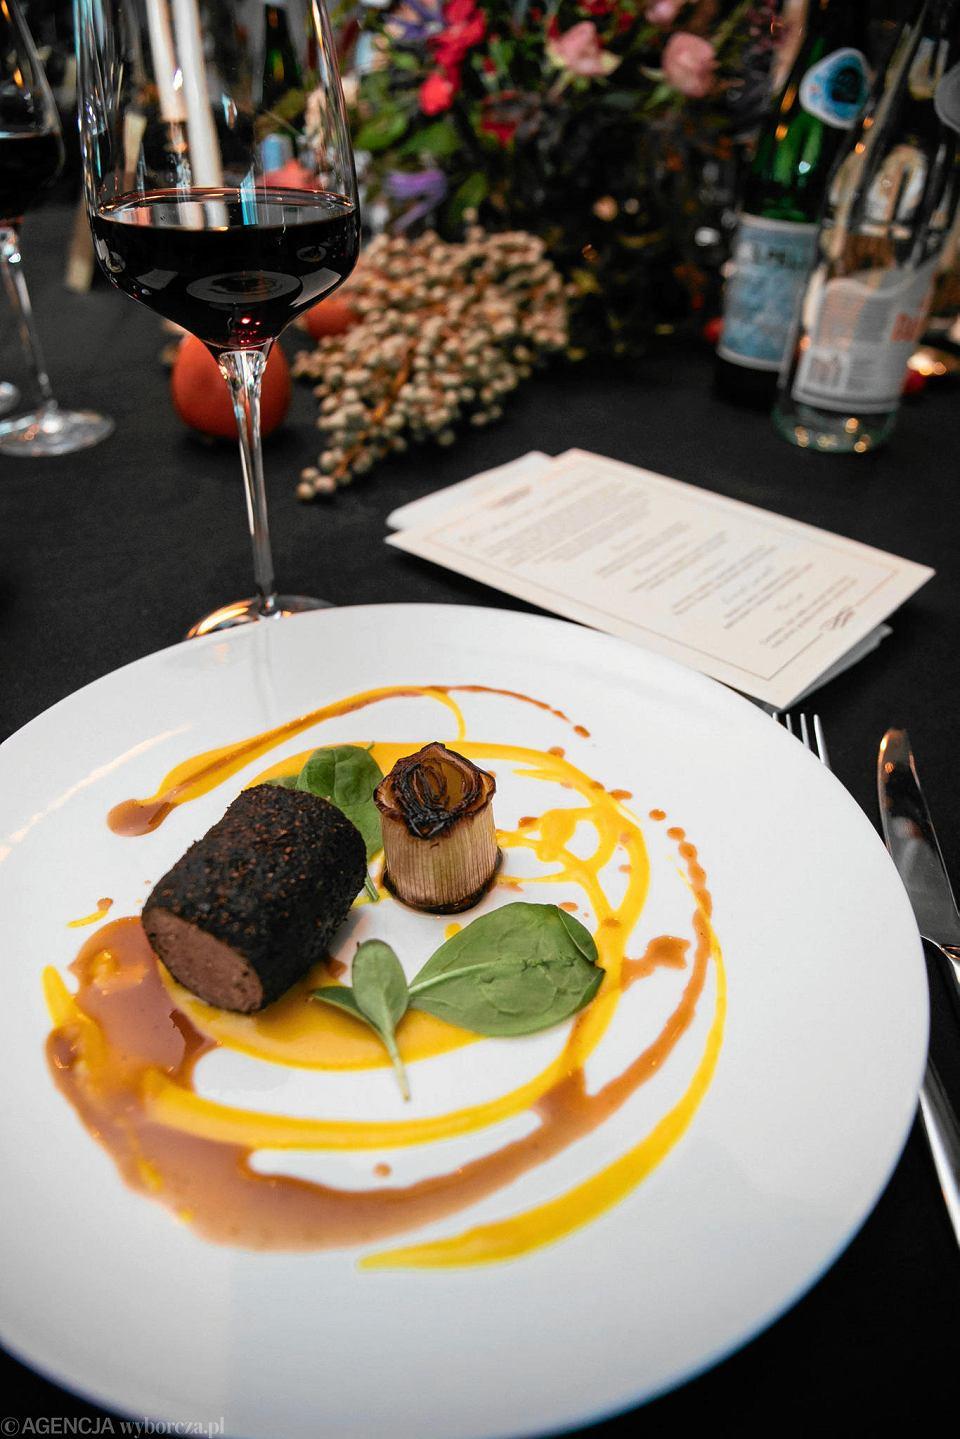 Zdjęcie numer 5 w galerii - Kaczka z toskańskimi ziołami, vermicelli z szałwią, szaszłyki ze ślimaków. Taką dietę wymyślił dla nas Leonardo da Vinci